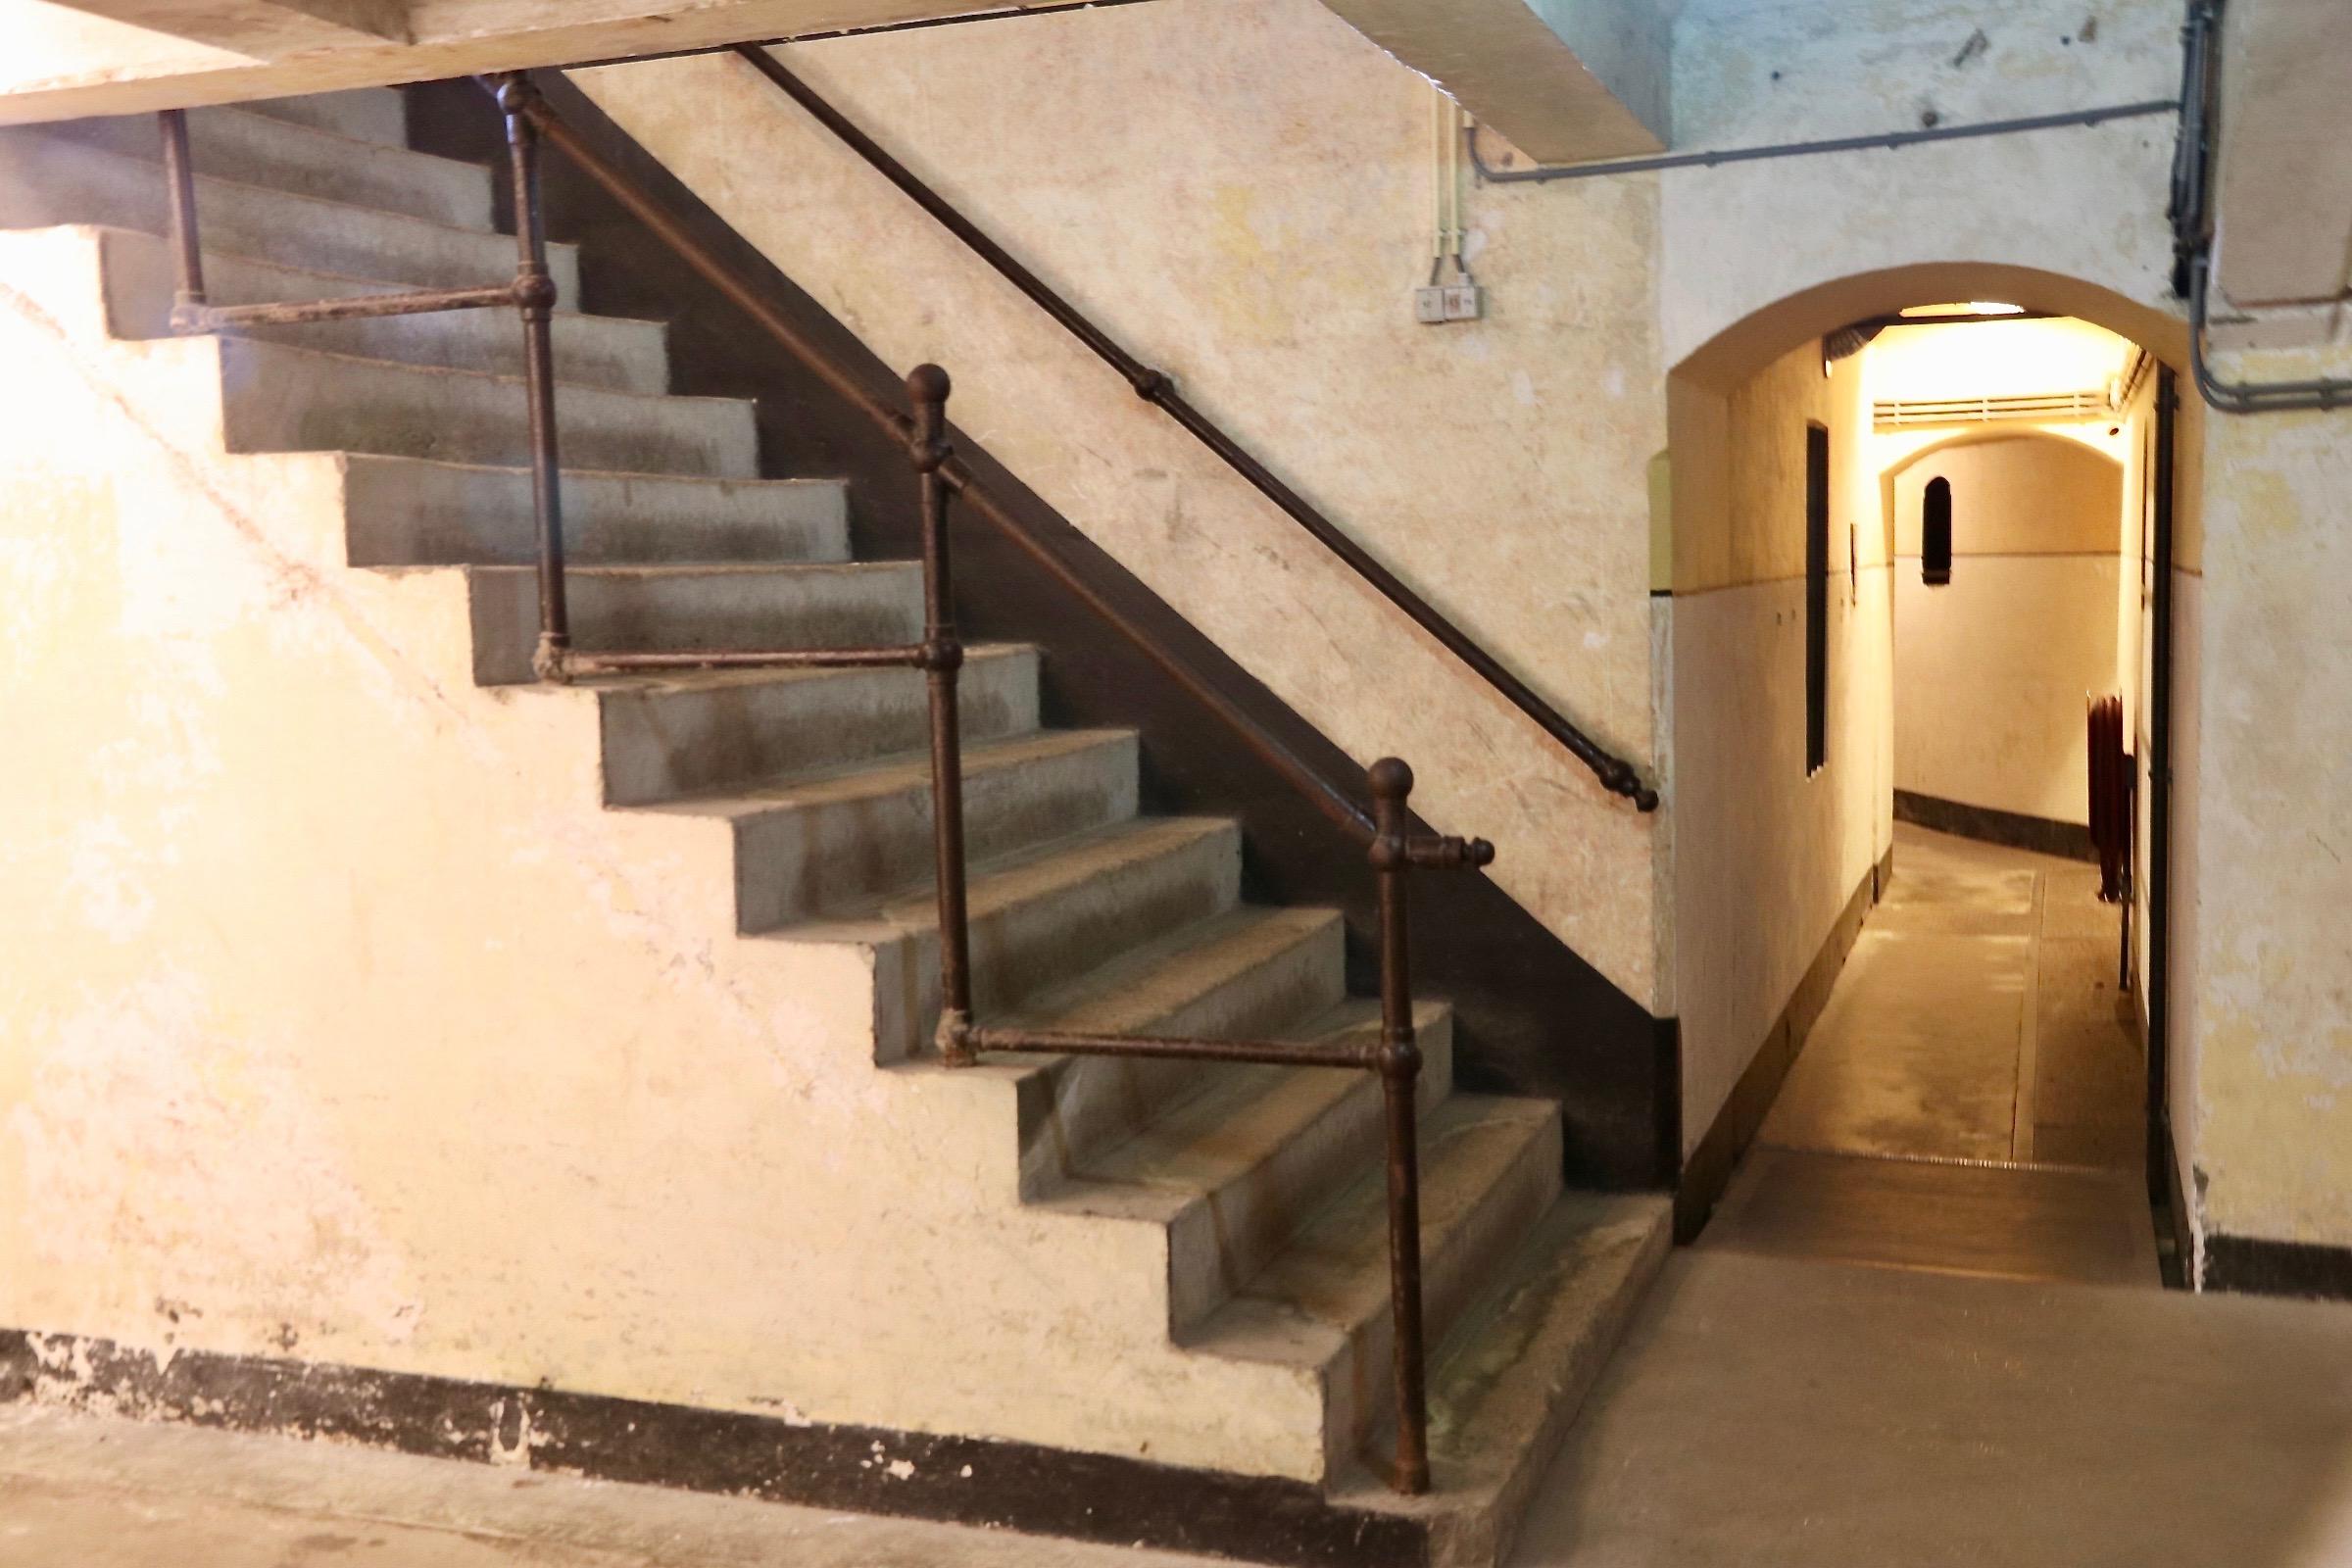 Fort bij Spijkerboor is open